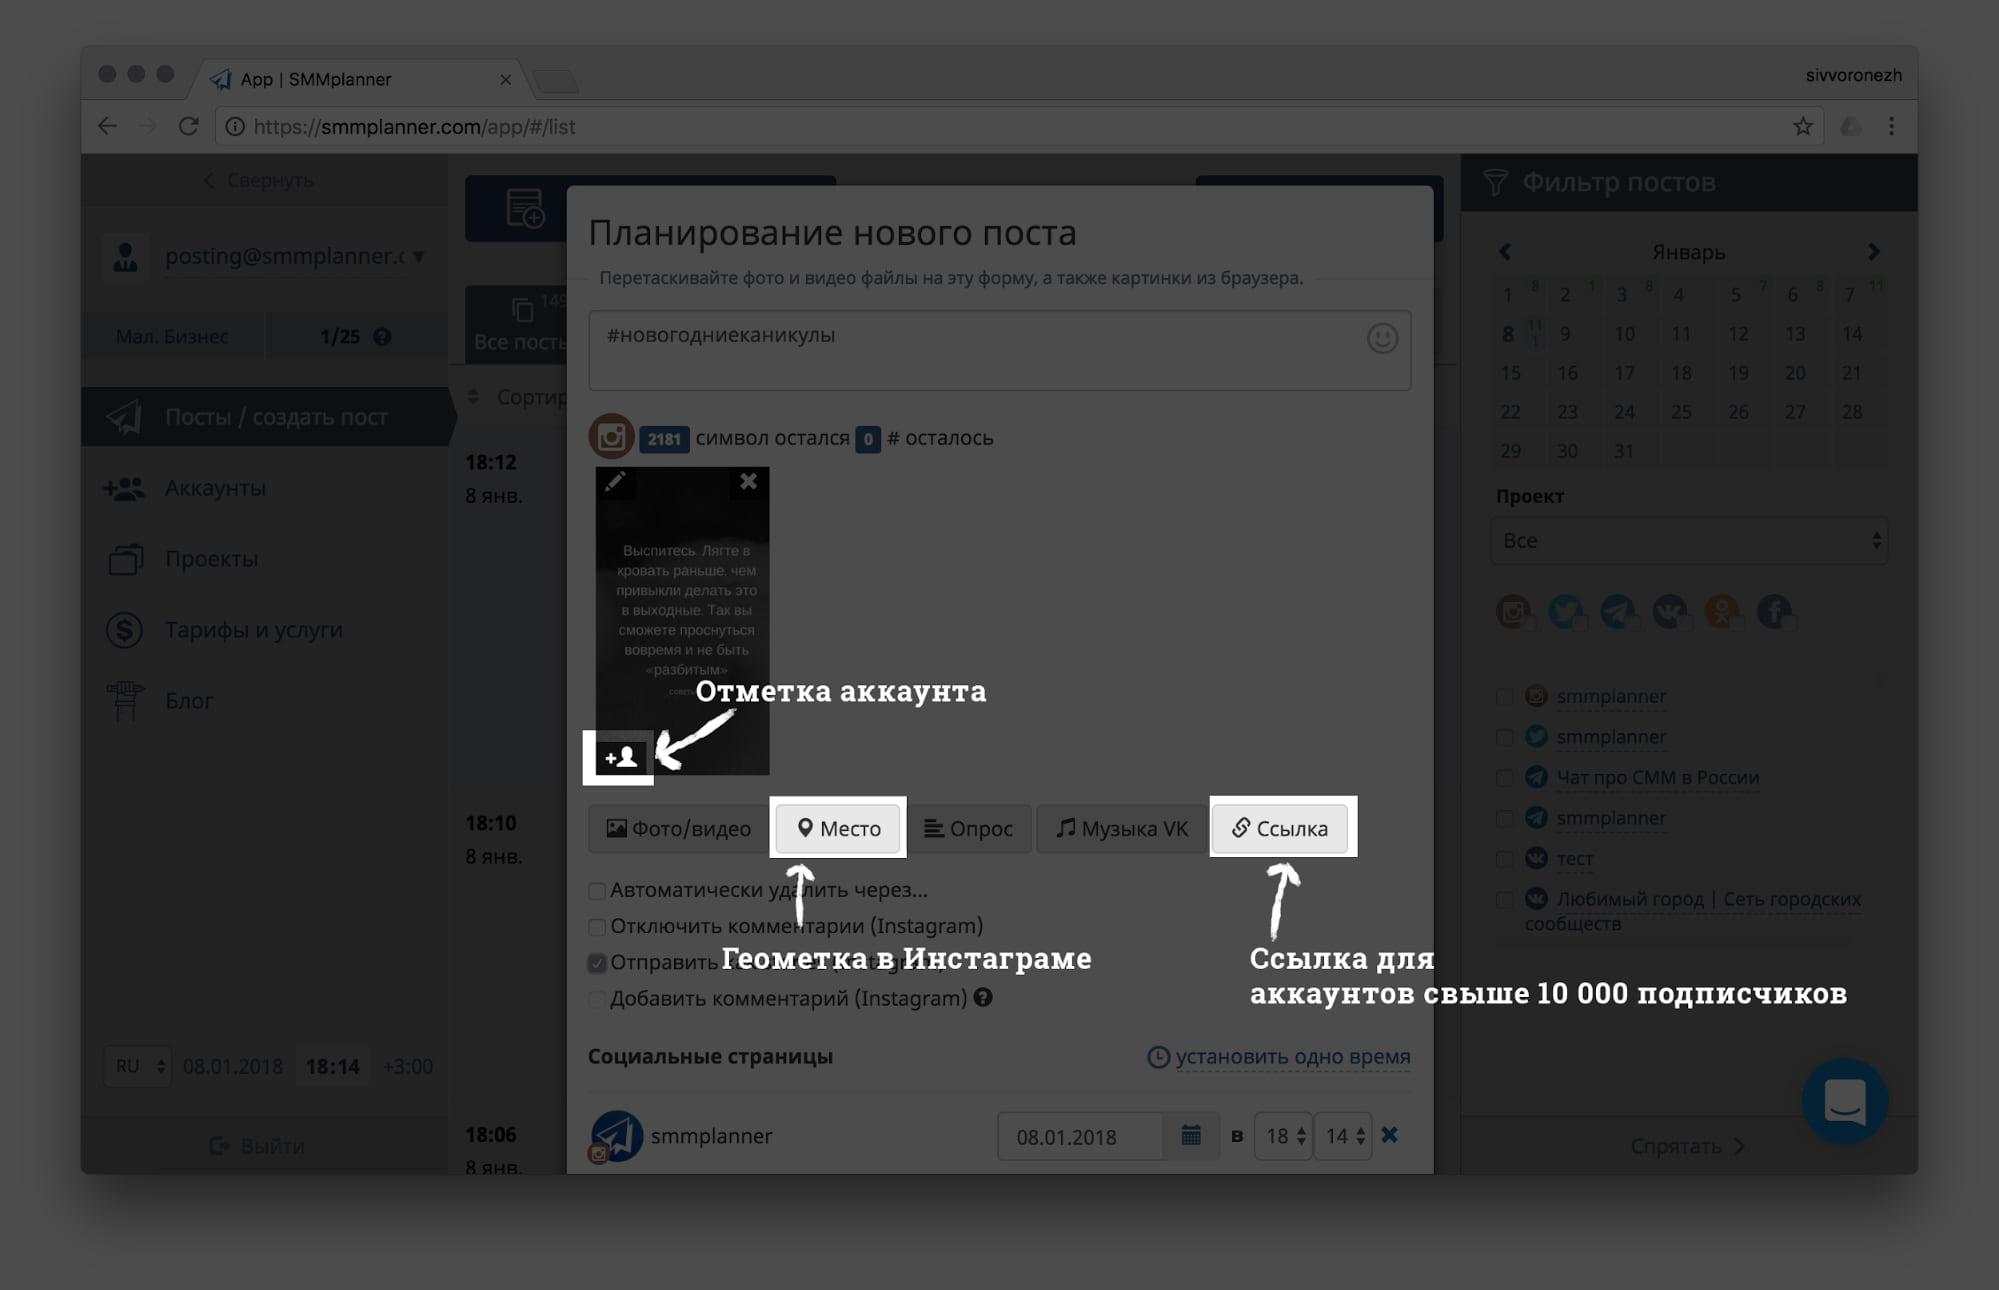 Как добавить сторис в Инстаграм через SMMplanner: шаг 6